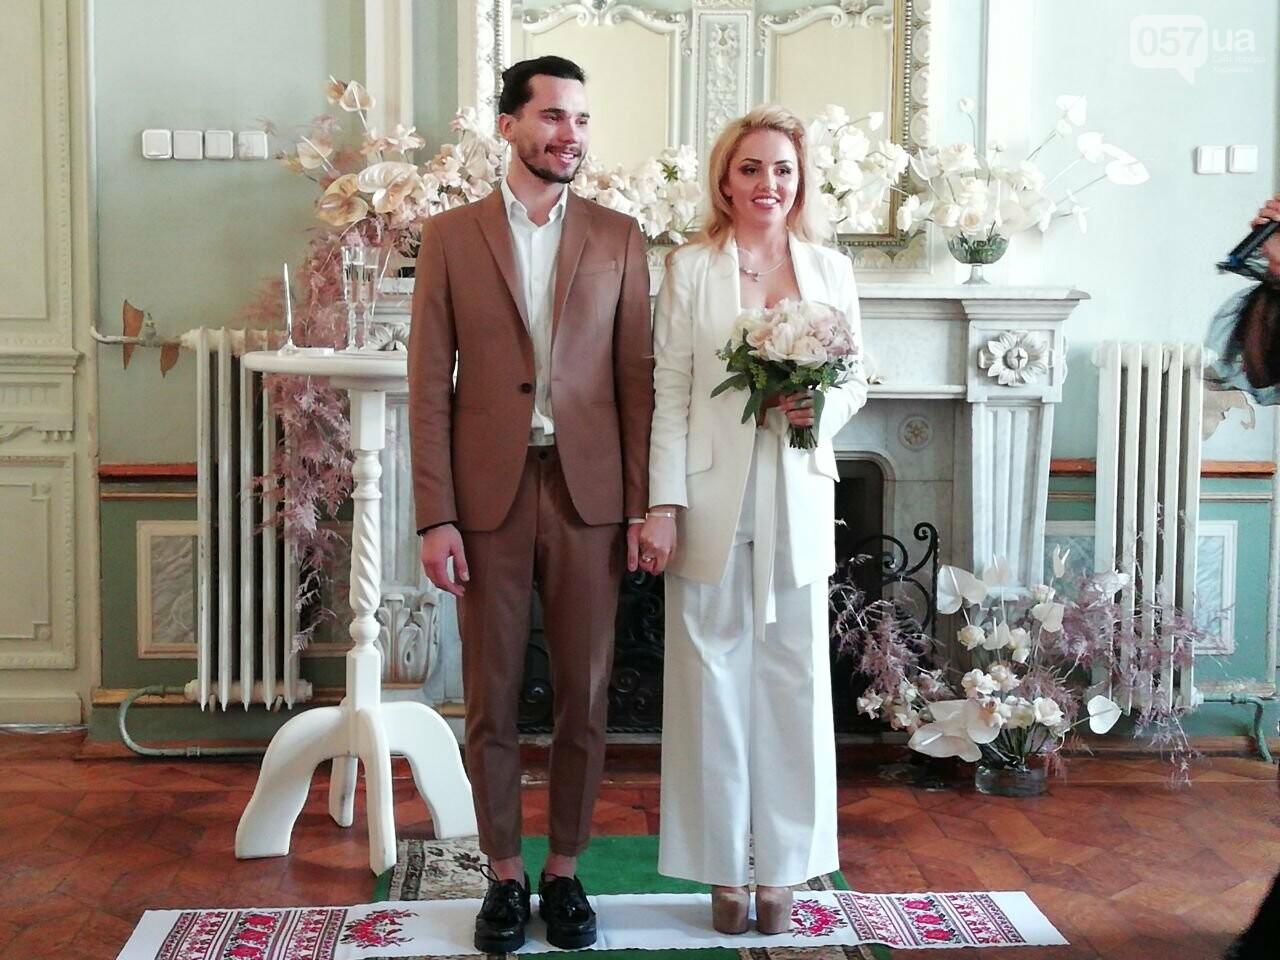 Экспресс-свадьба и звездная ведущая: в Харькове проходит Марафон влюбленных, - ФОТО, фото-5